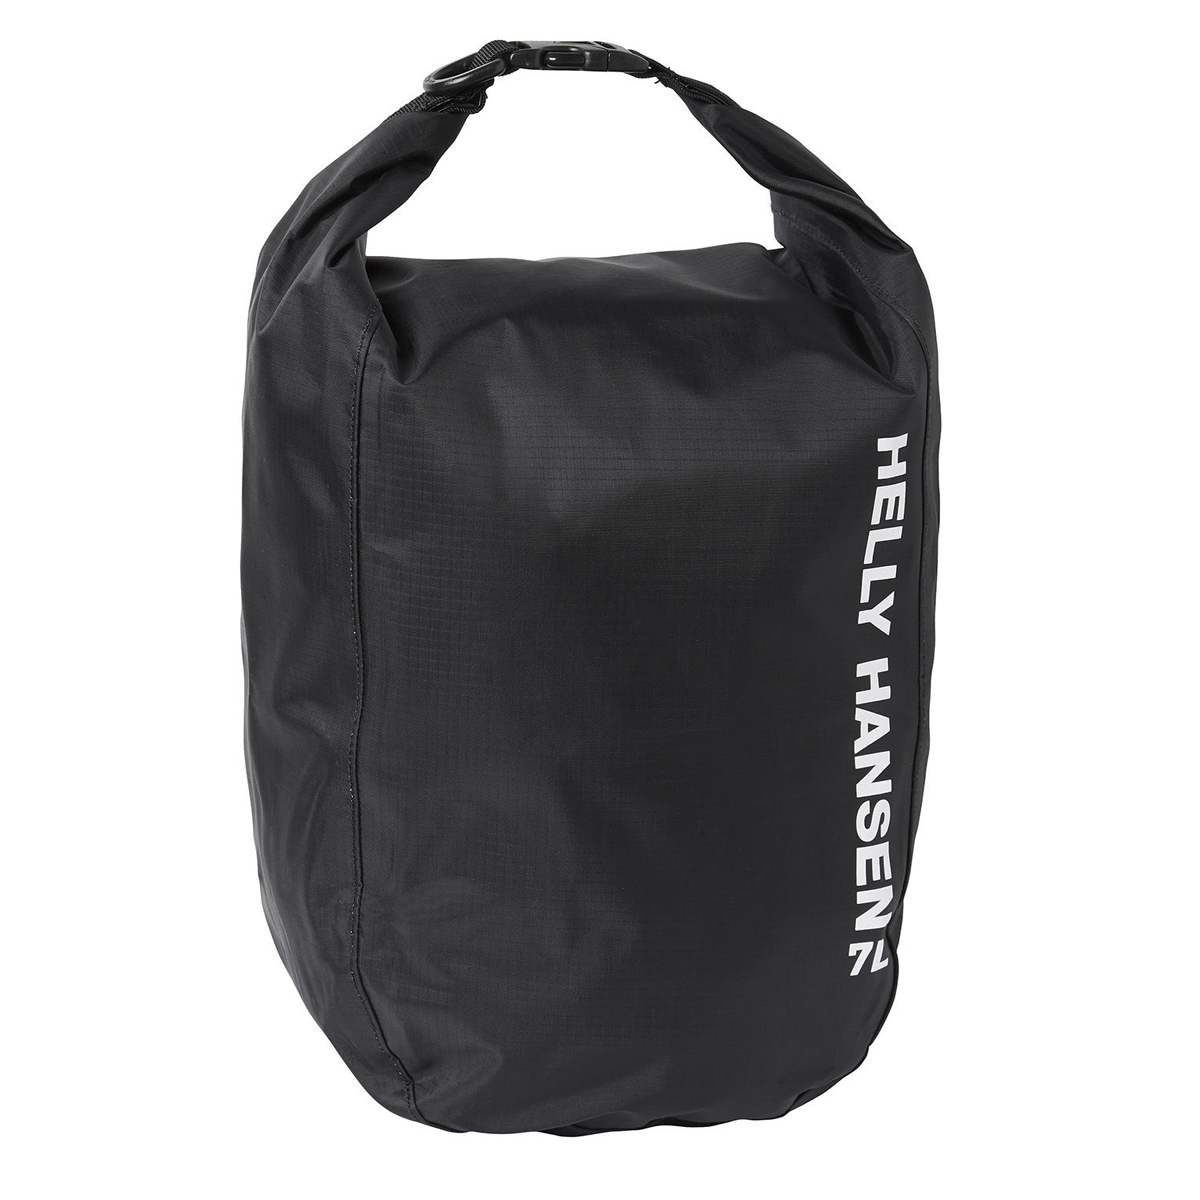 HELLY HANSEN LIGHT DRY BAG 7 L (67373)